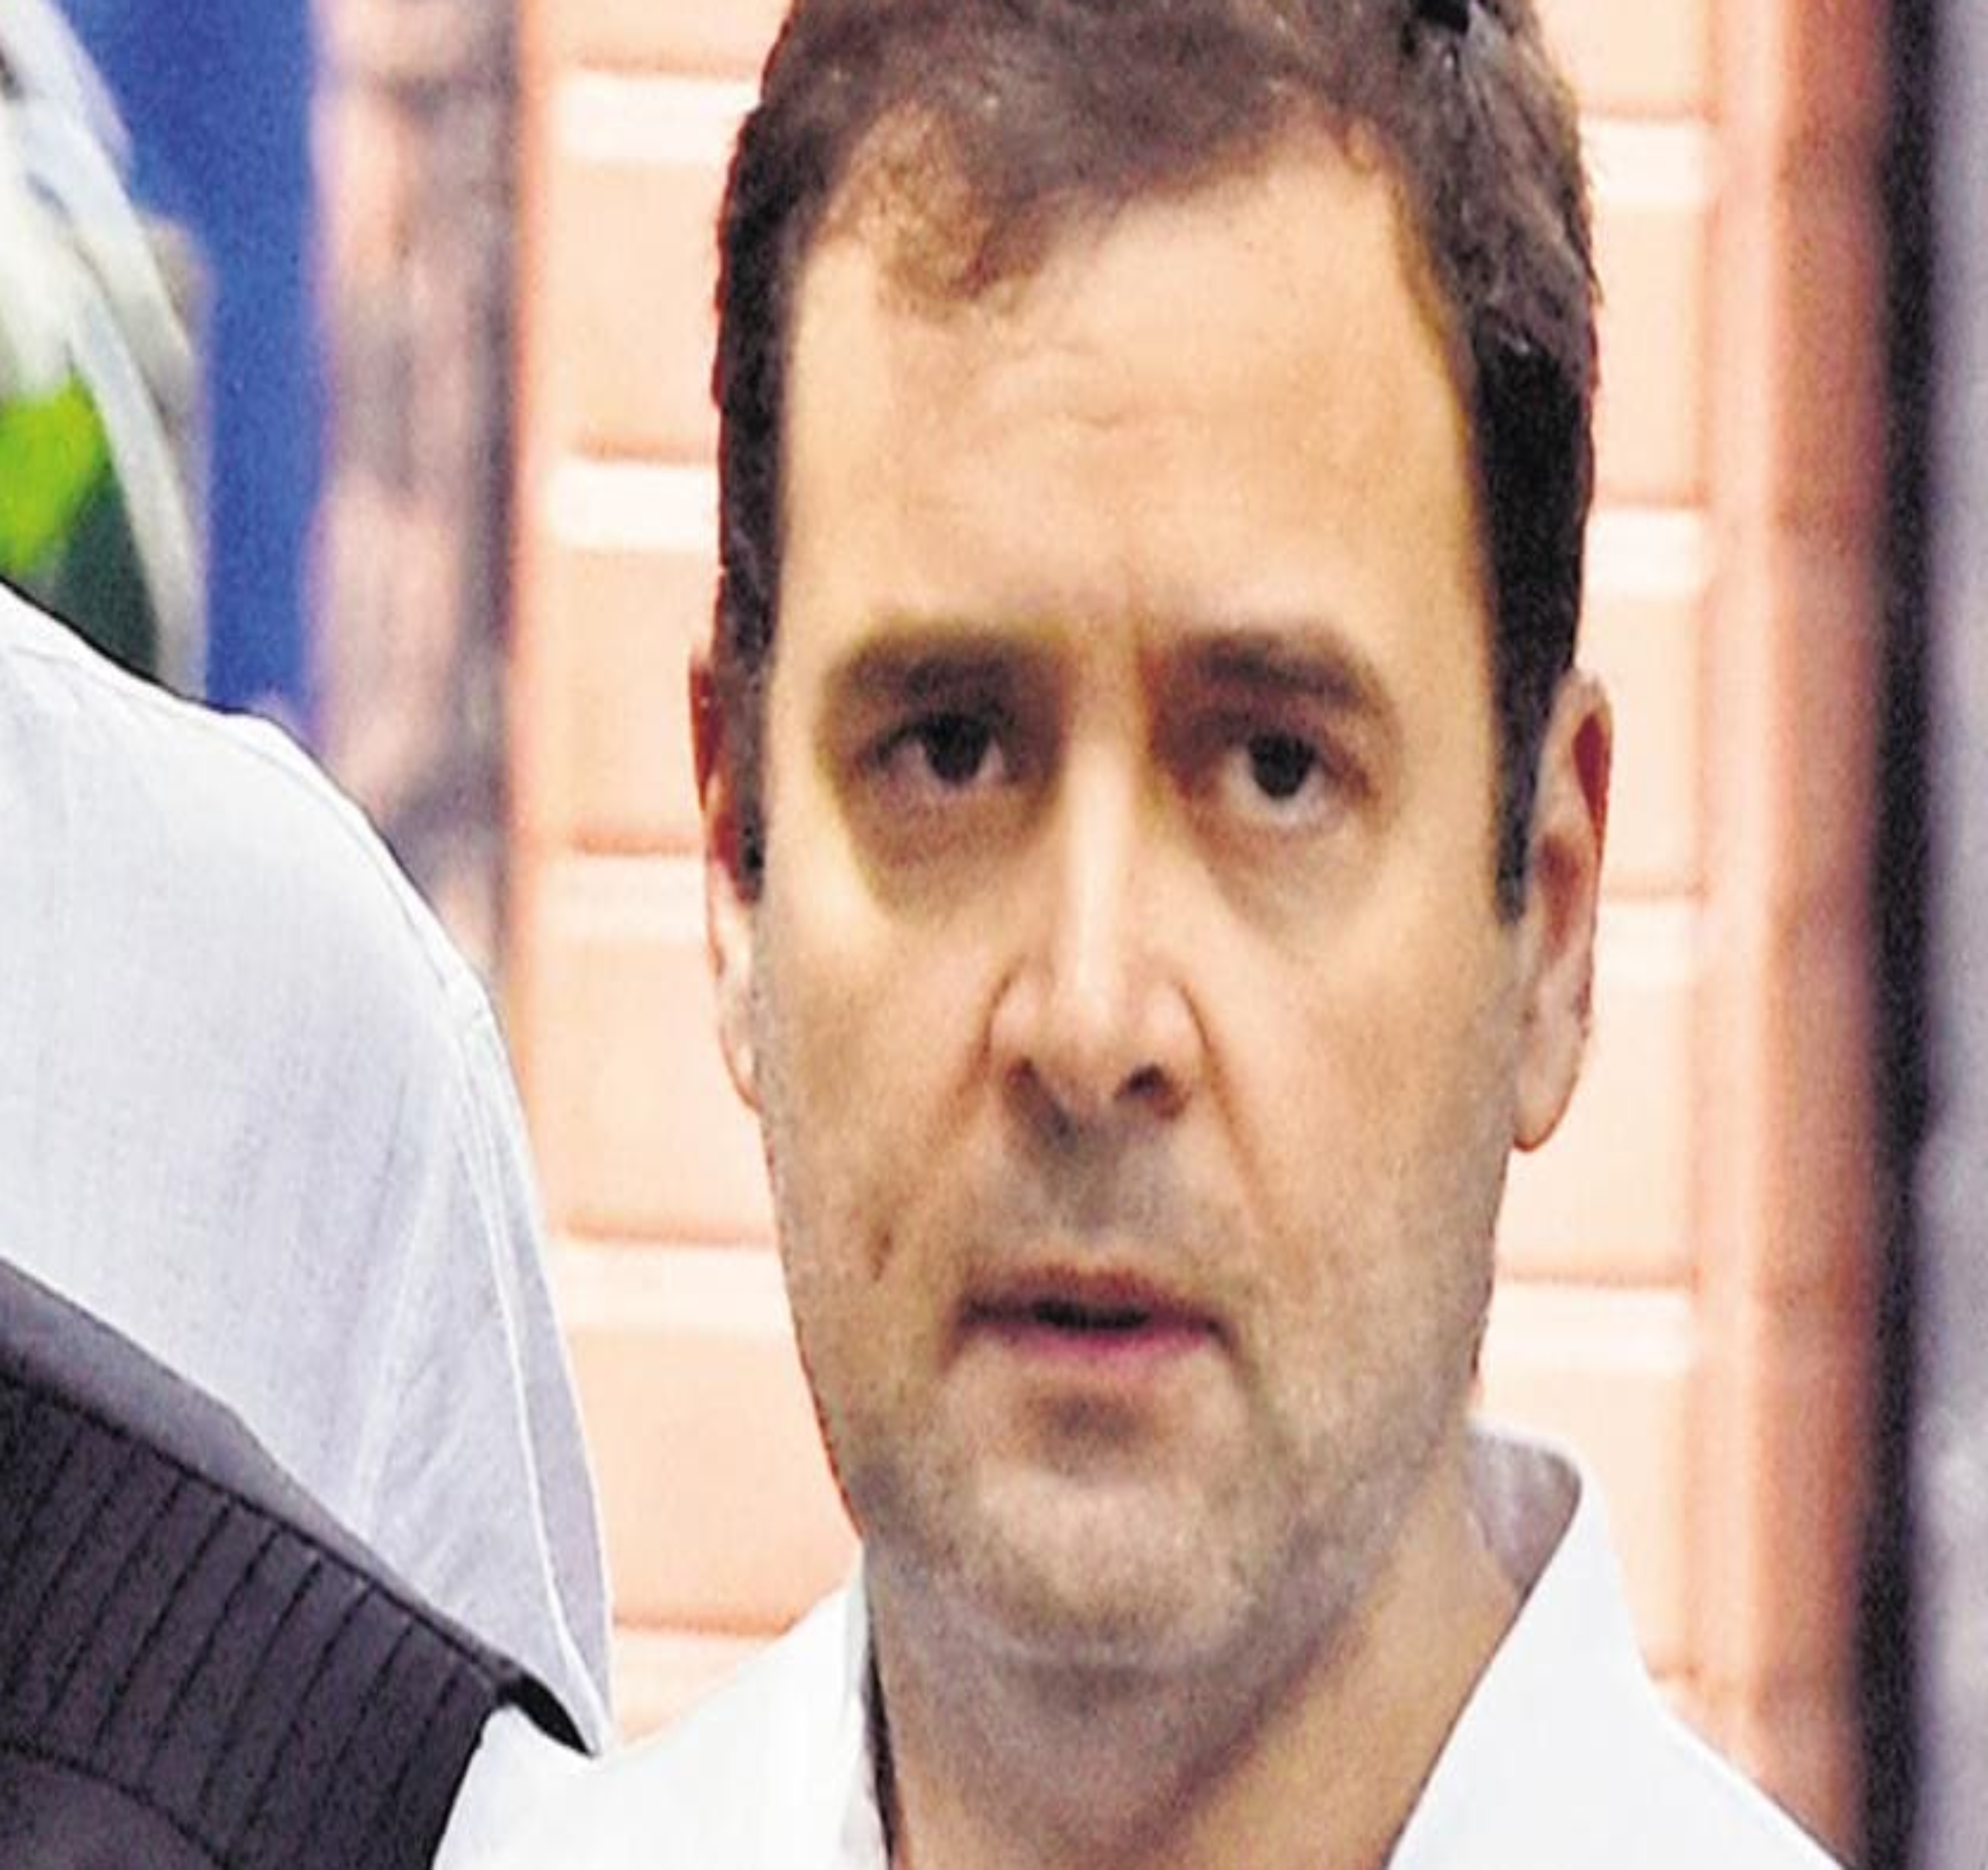 दिल्ली: राहुल गांधी भी आए कोरोना की चपेट में, संपर्क में आए लोगों से की टेस्ट की अपील